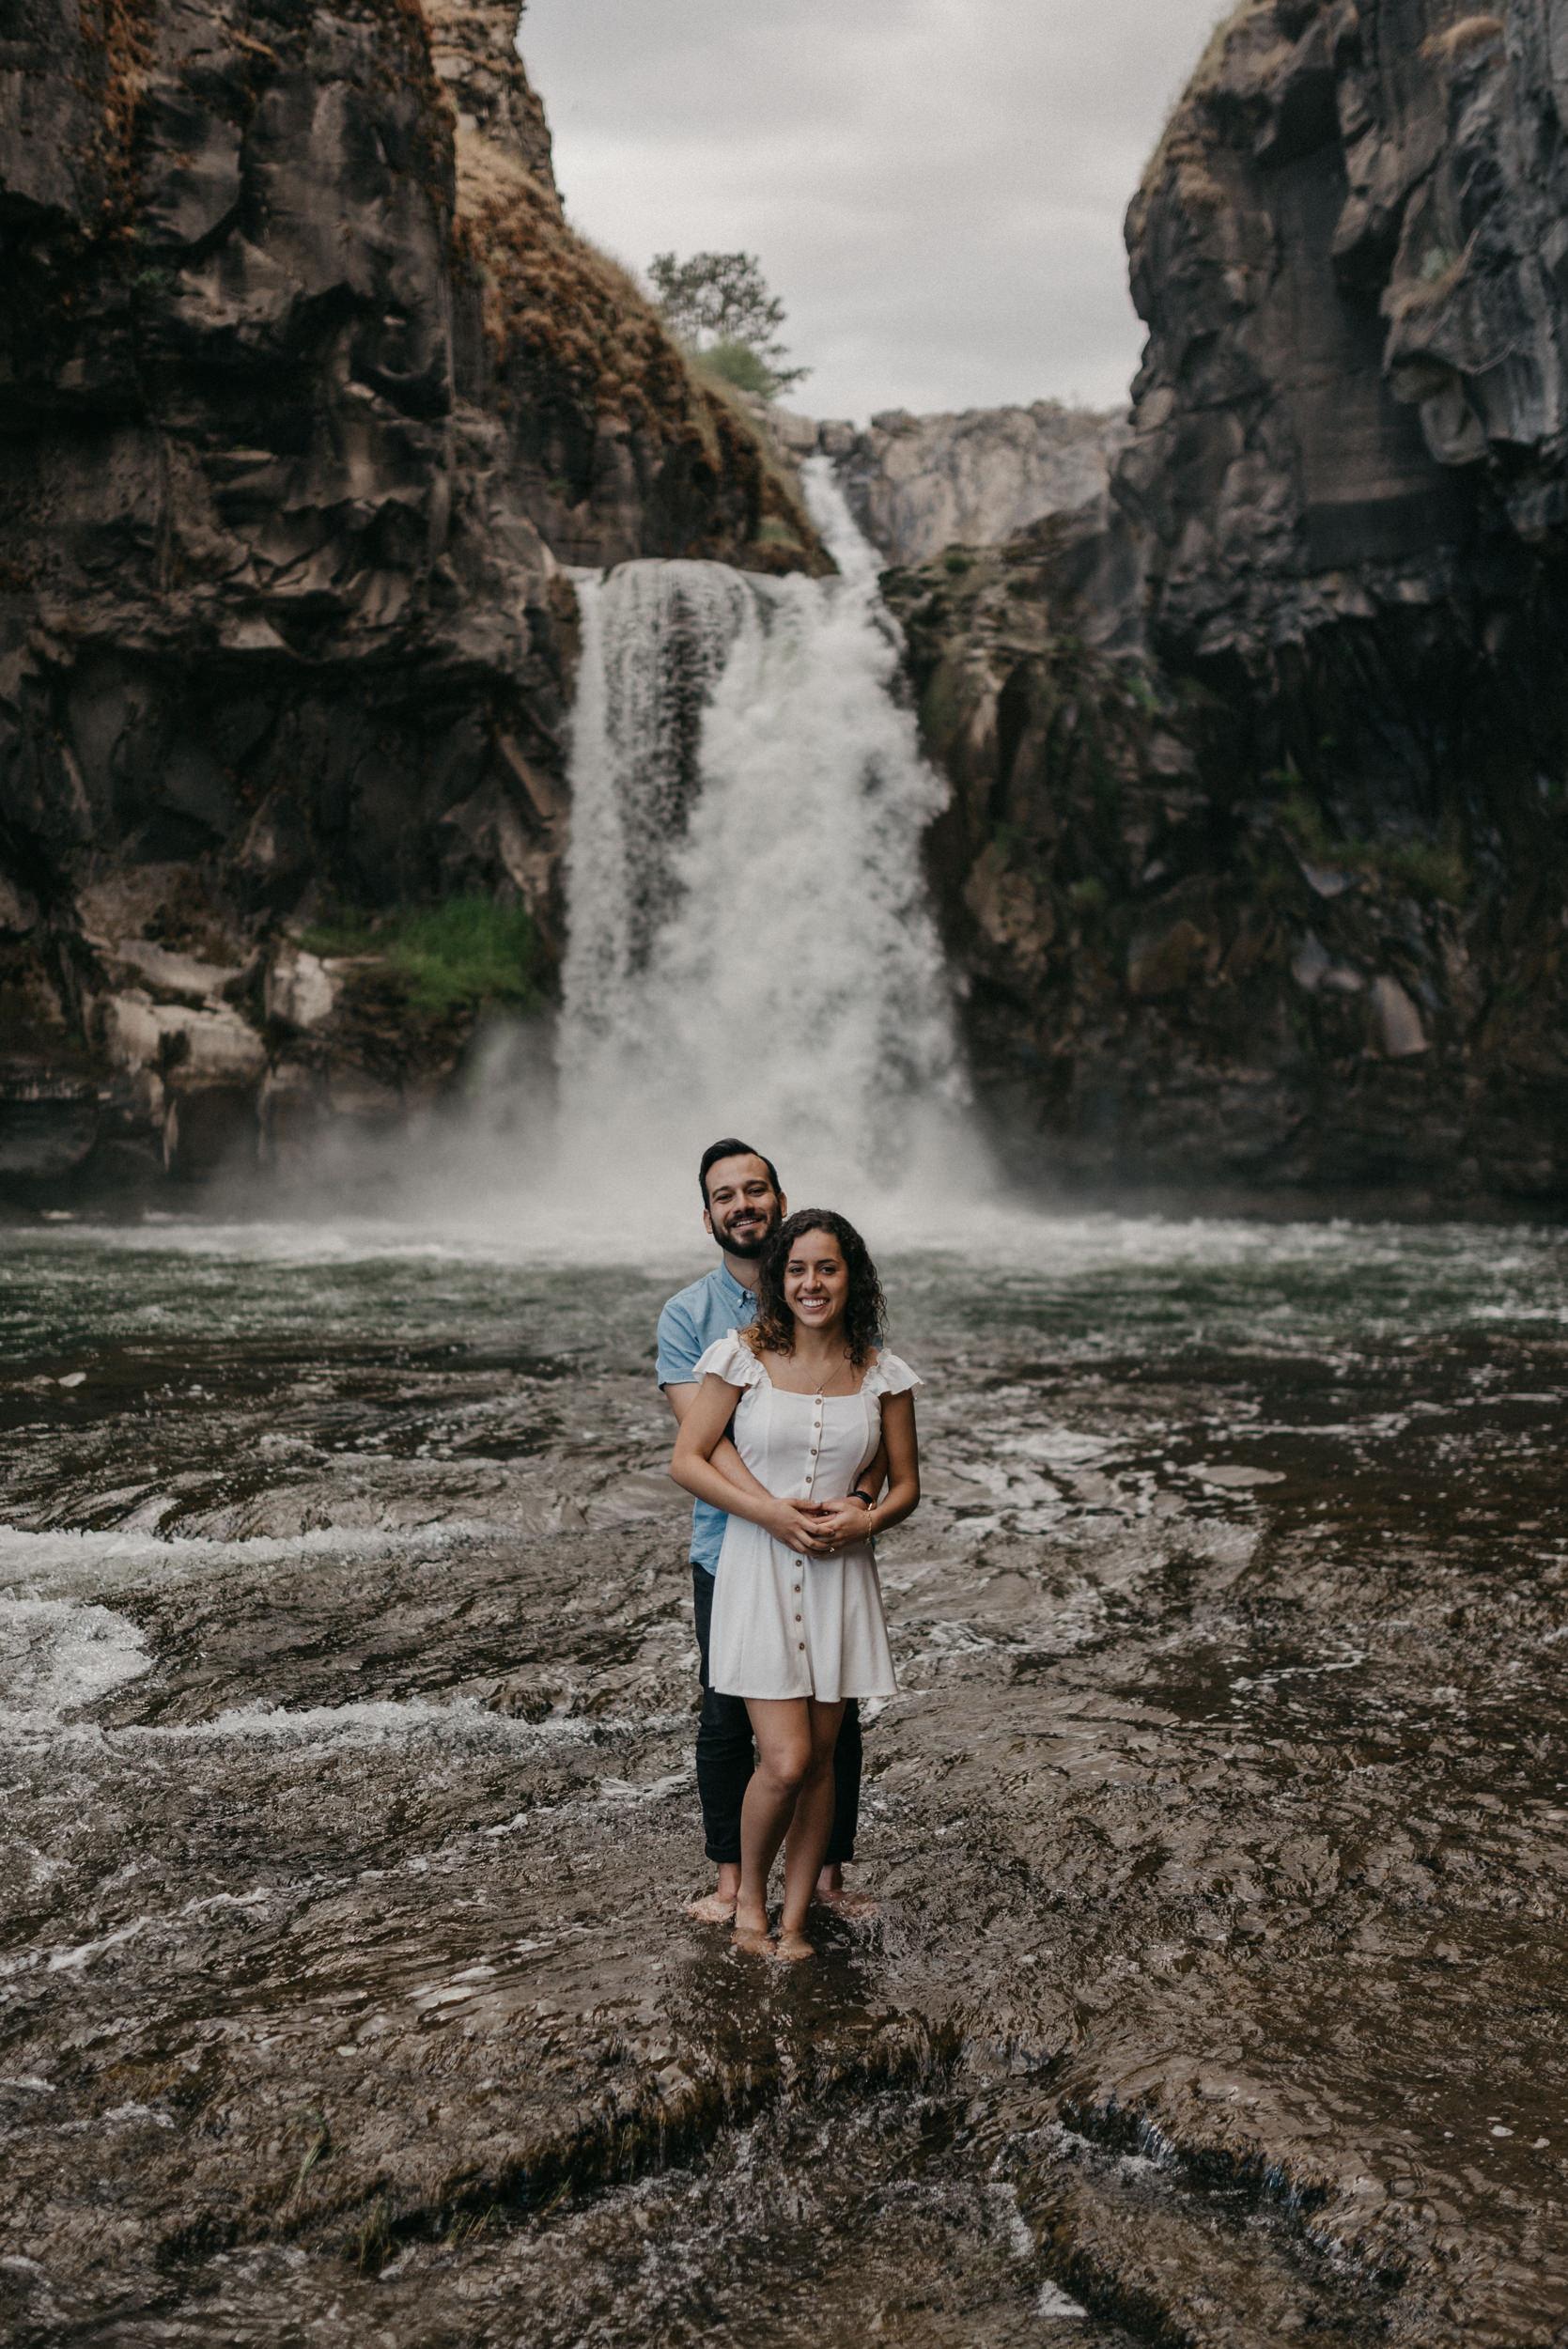 36-White-river-falls-state-park-engagement-5865.jpg